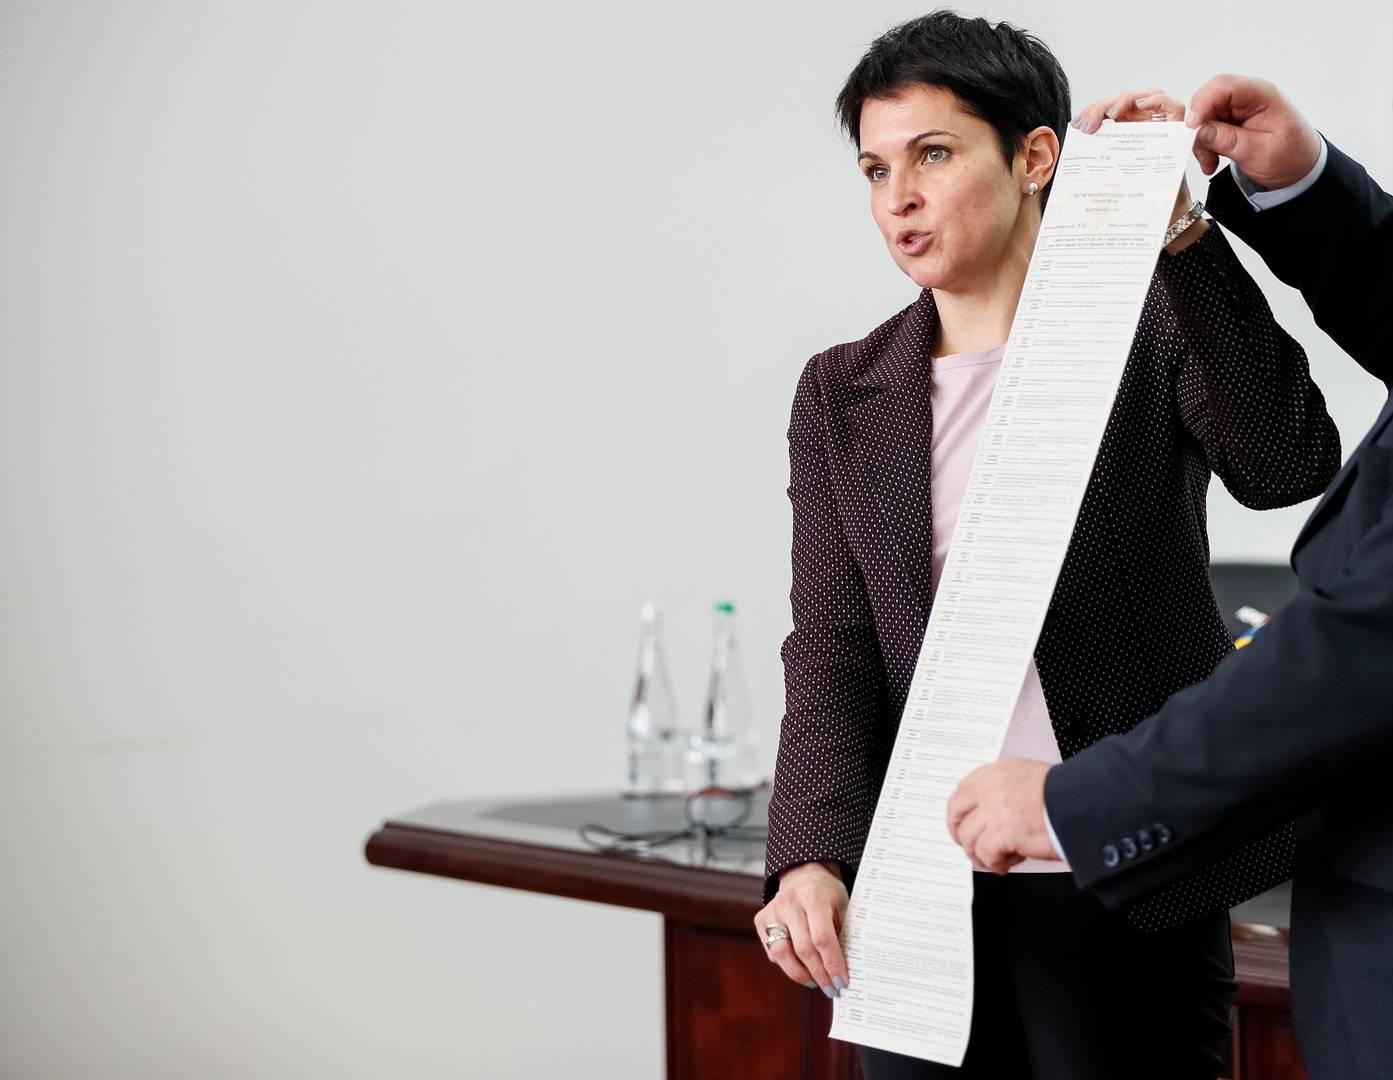 Презентация бюллетеня для голосования на выборах президента Украины. 21 марта 2019 года